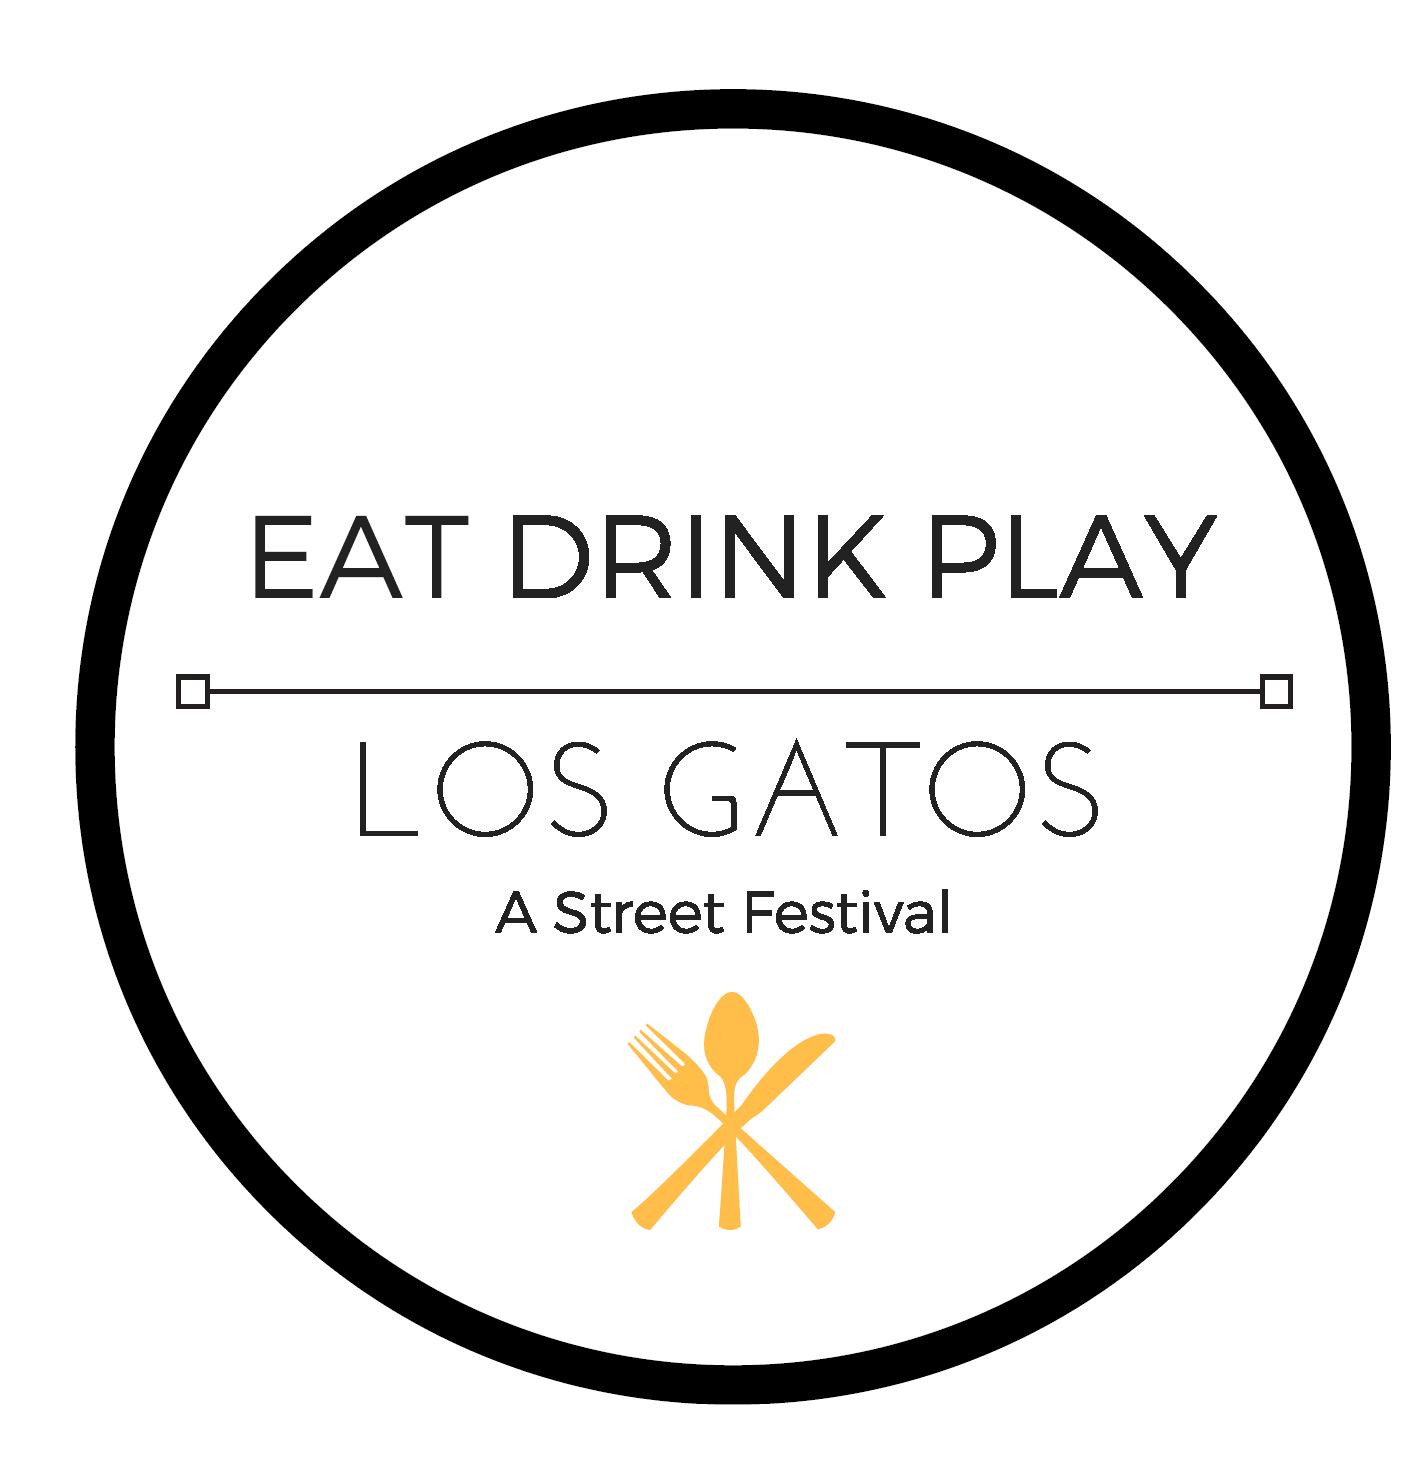 Eat Drink Play Los Gatos